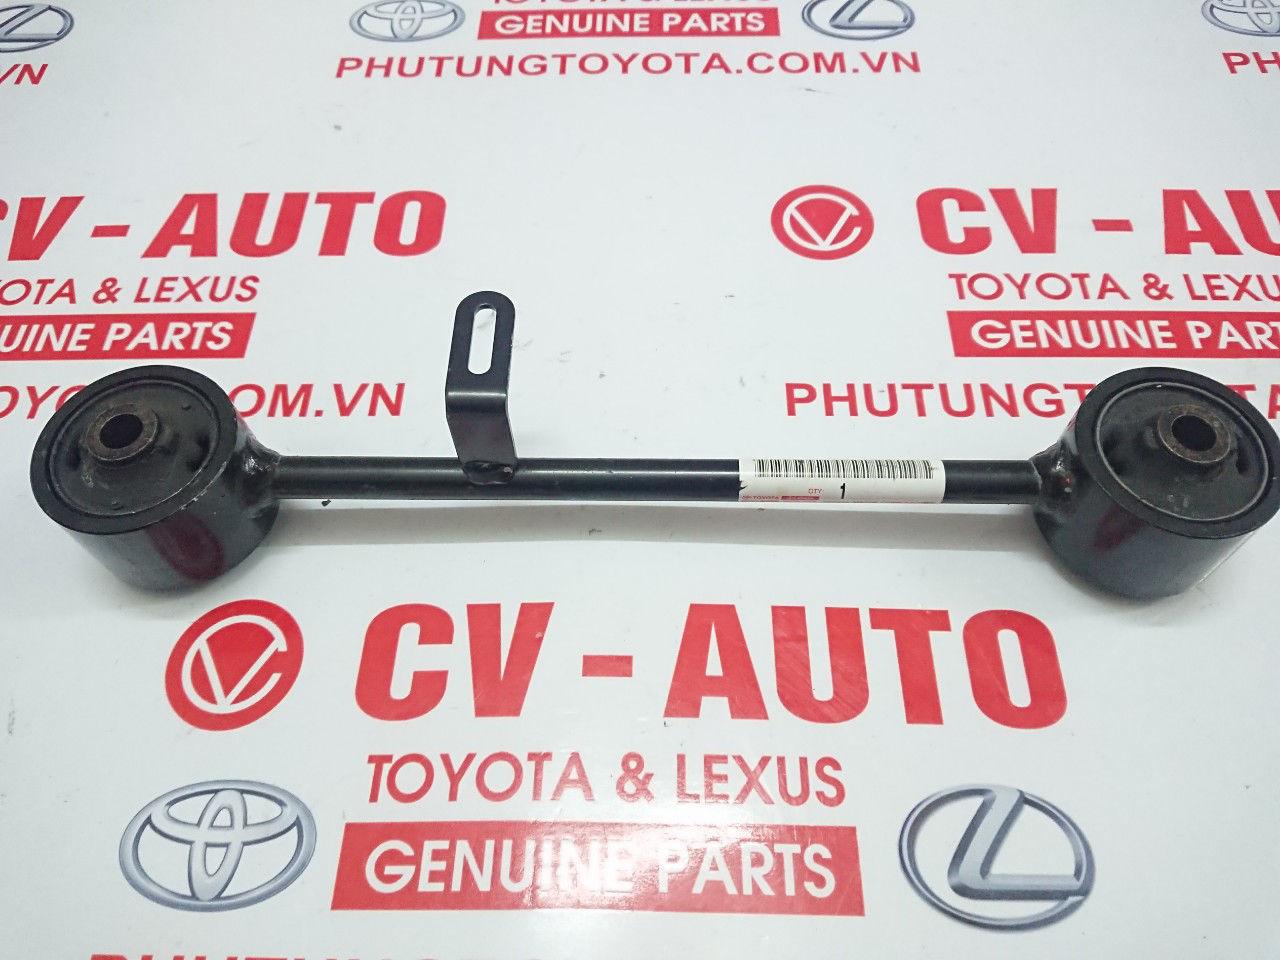 Picture of 48710-35060 Giằng dọc Toyota Land Cruiser Prado GX470 chính hãng